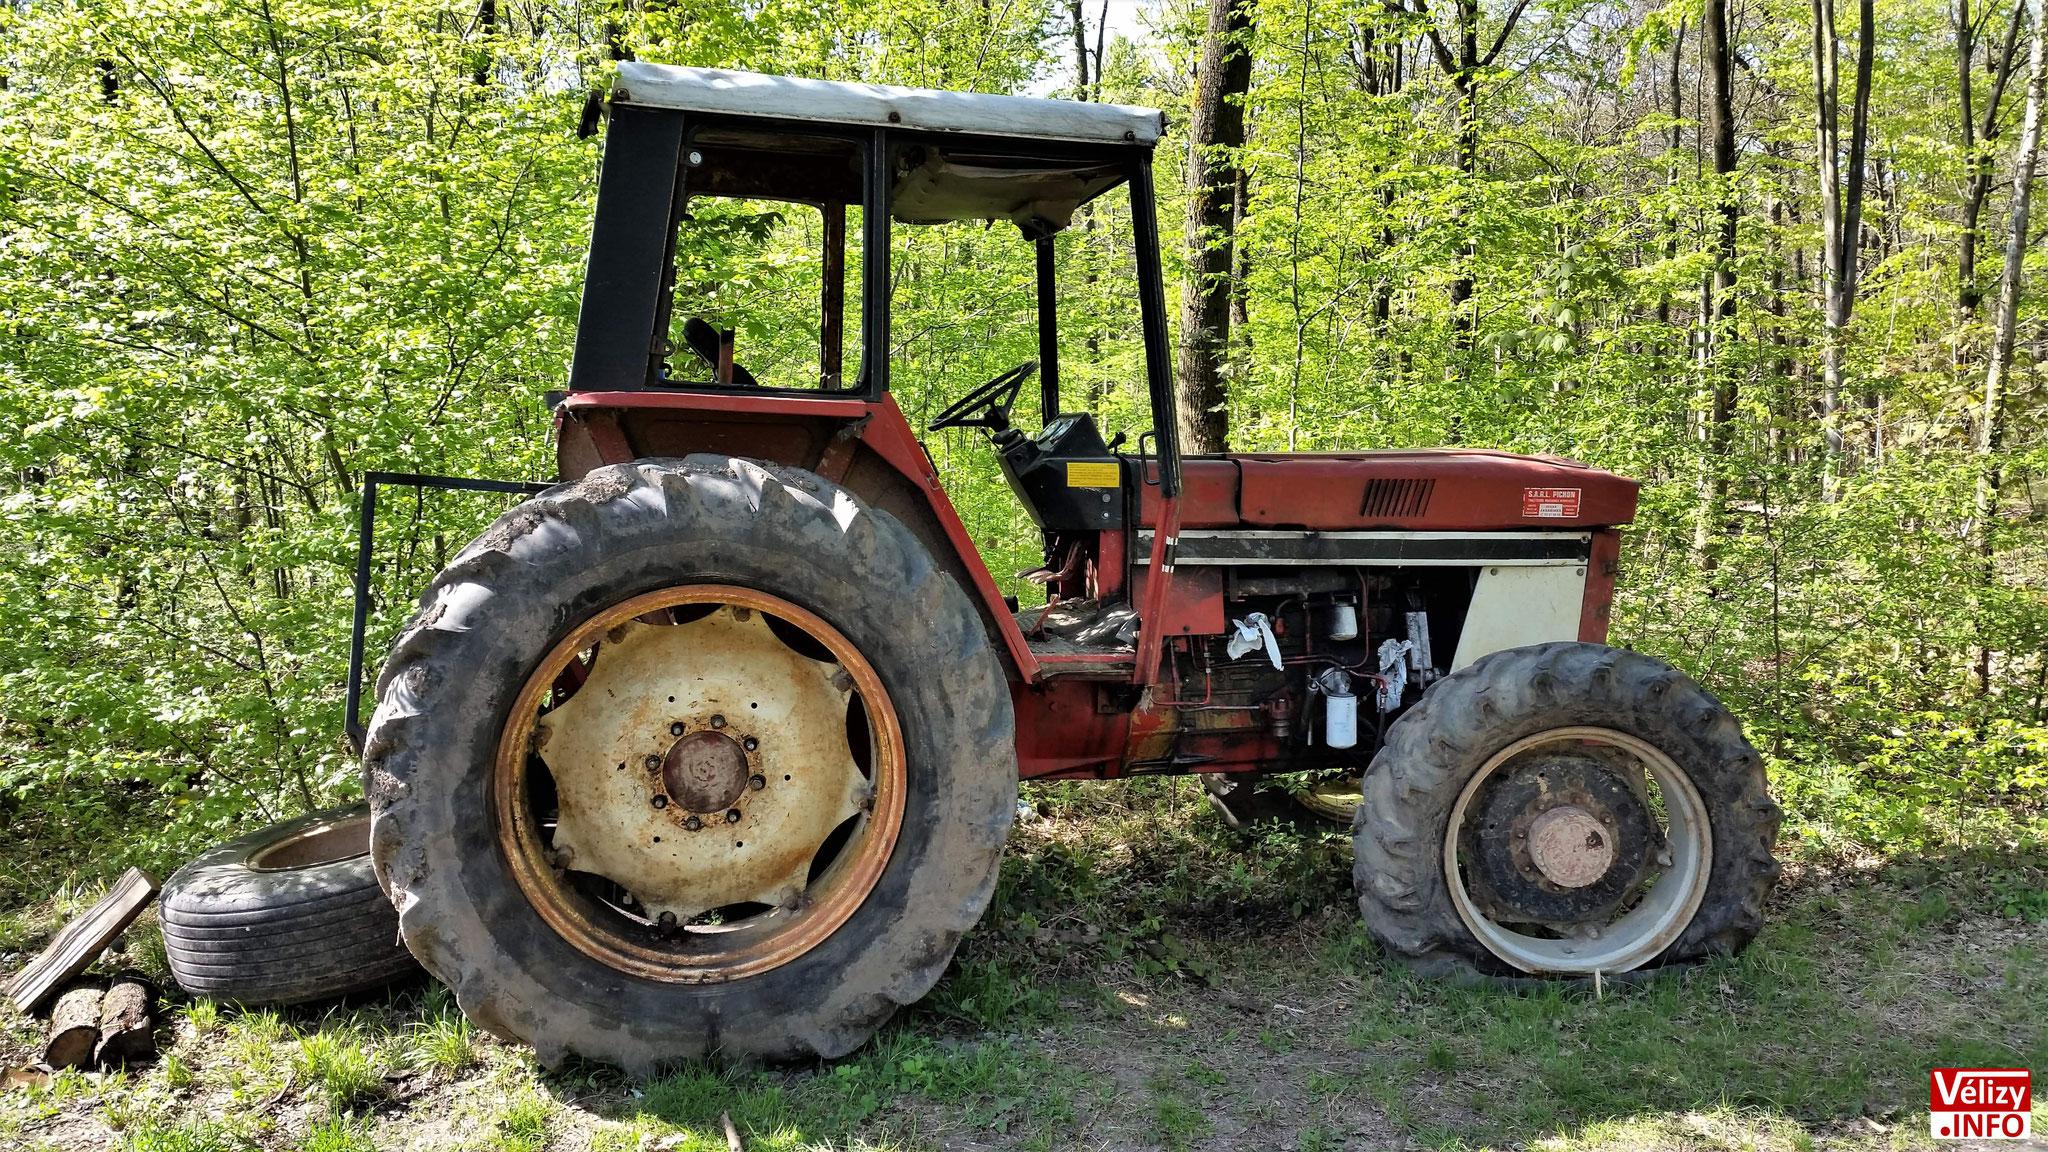 Épave de tracteur en forêt de meudon - Commune de Vélizy.